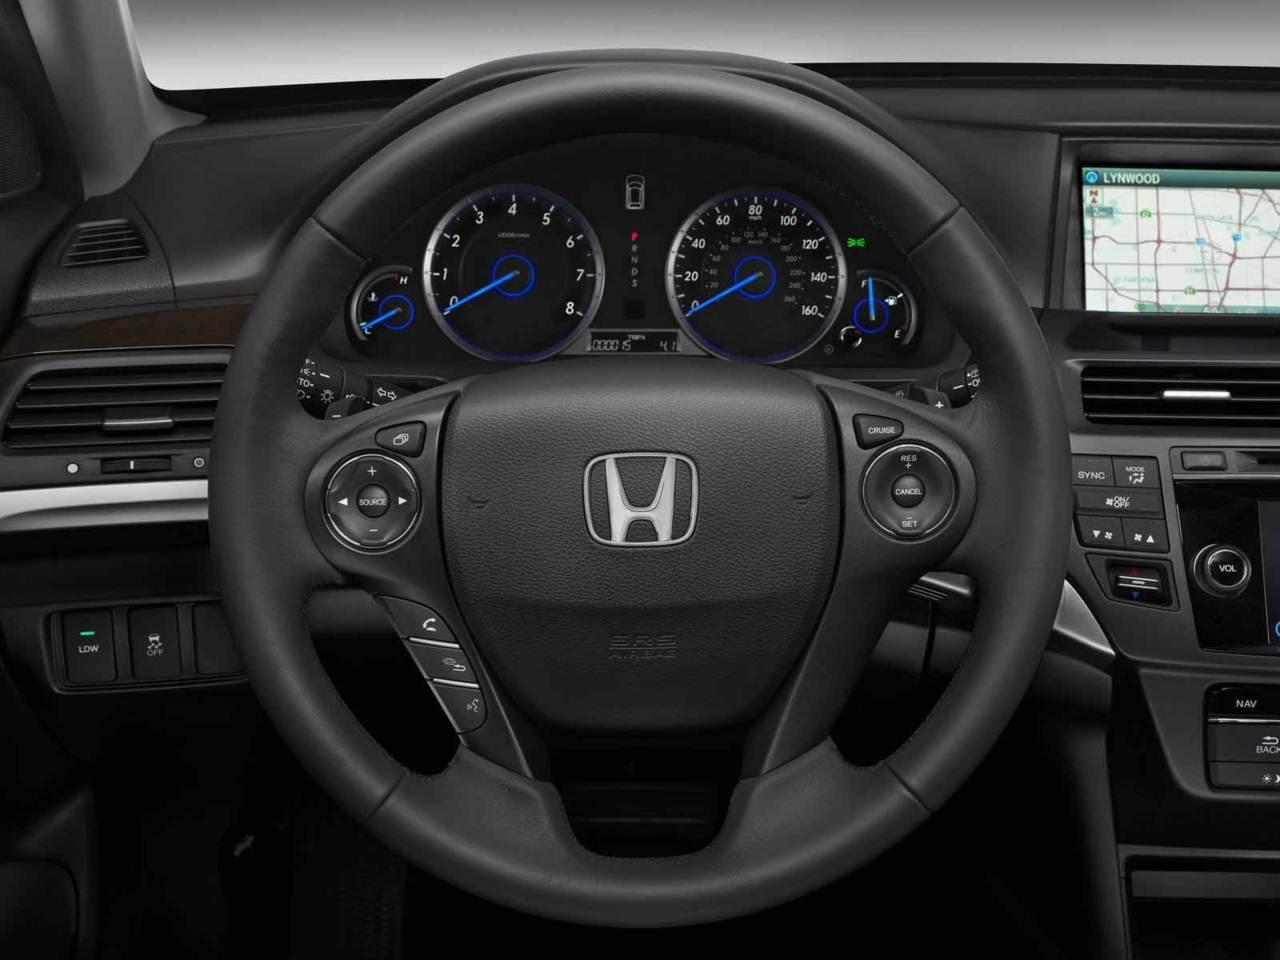 Honda Crosstour 2013 Chega Aos Eua Pre O R 56 Mil Car Blog Br